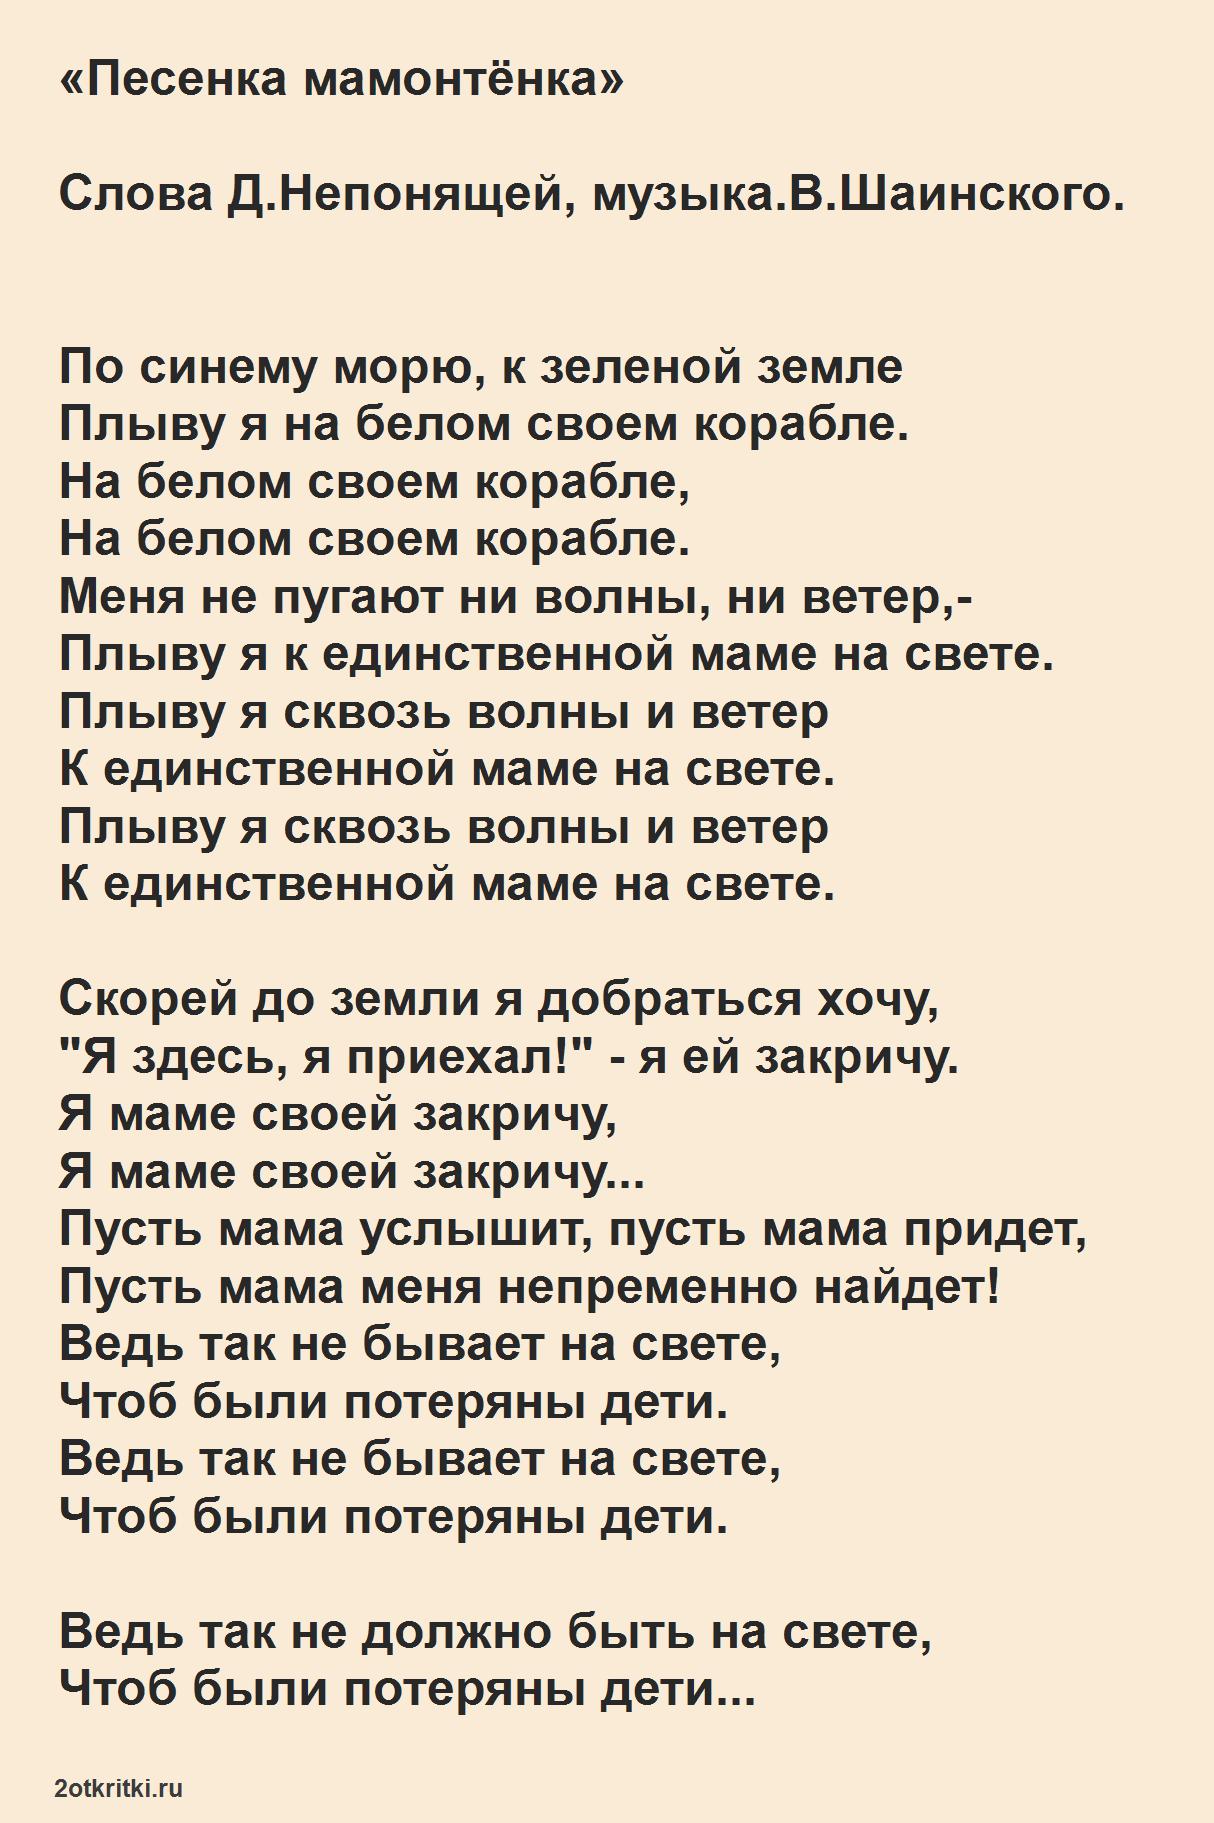 Песни для детей ко дню матери - Песенка мамонтенка